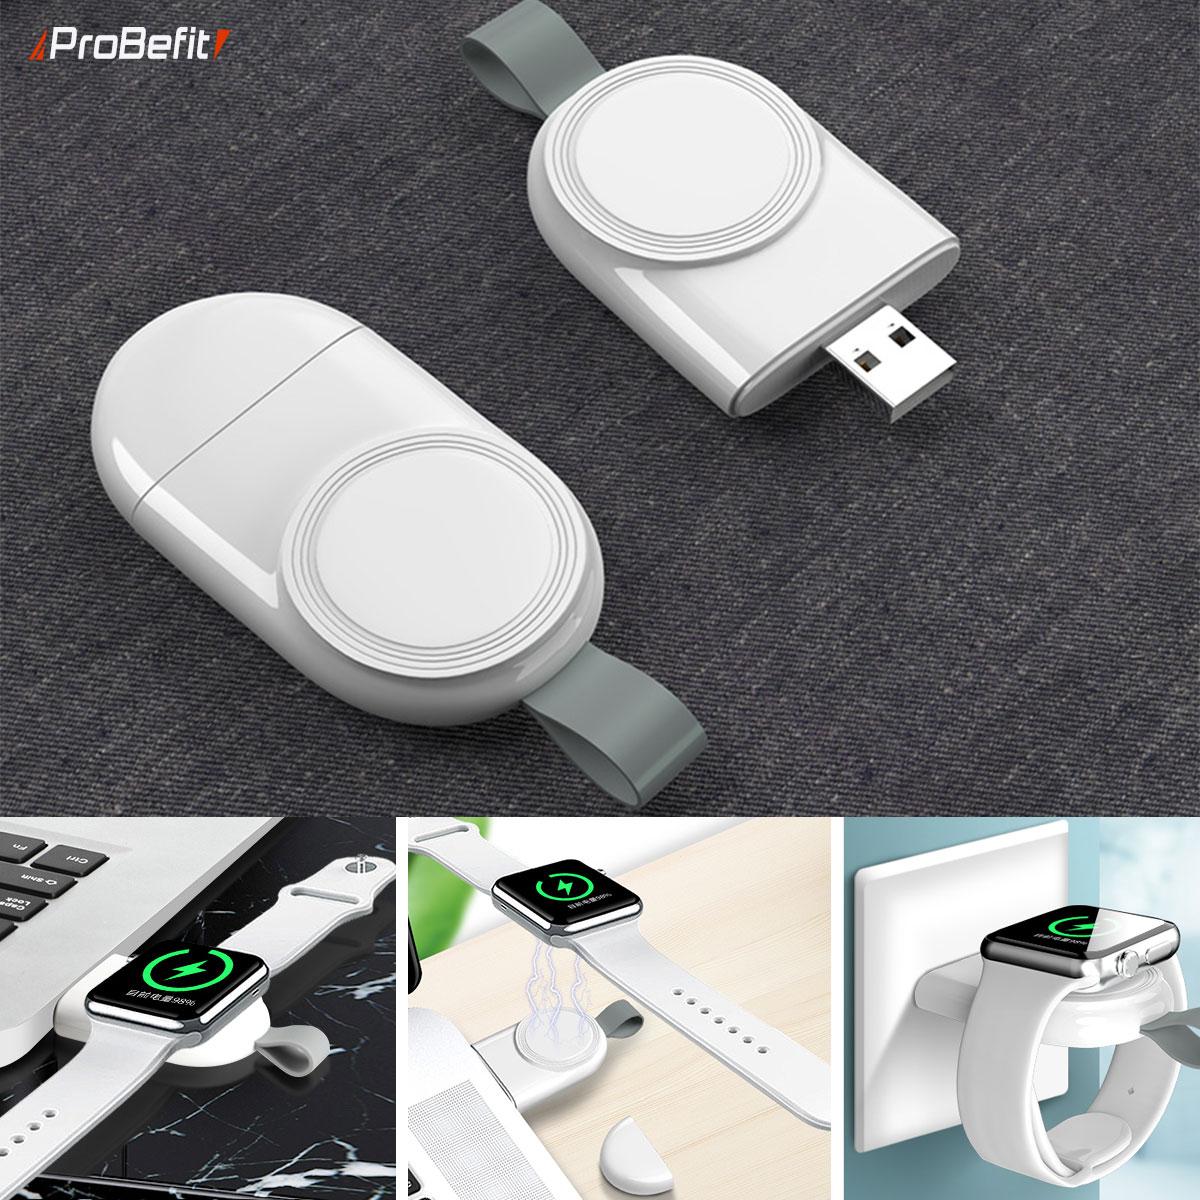 Cargador inalámbrico portátil para apple watch, Cable de carga USB, cargador inalámbrico